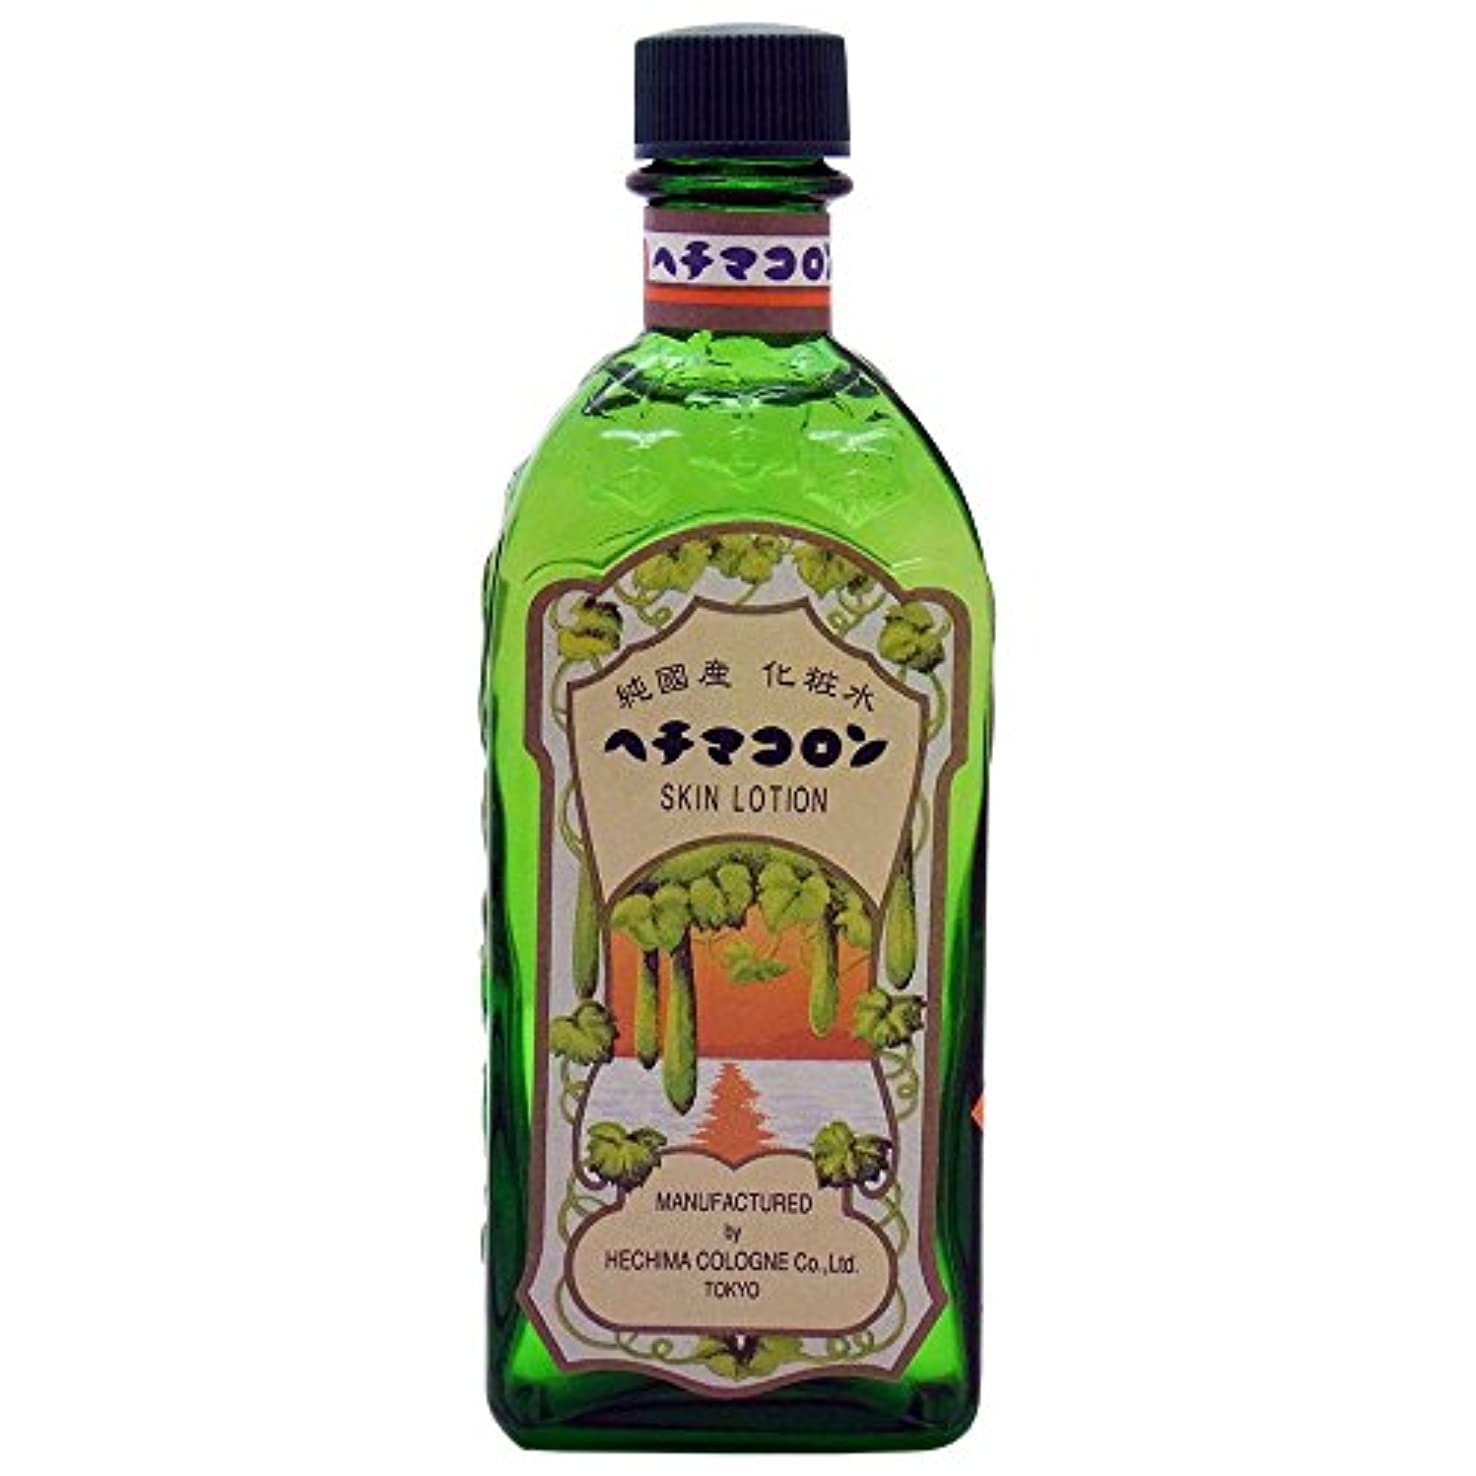 ダルセット尊敬ヘッドレスヘチマコロン ヘチマコロンの化粧水 ピュア 120ml